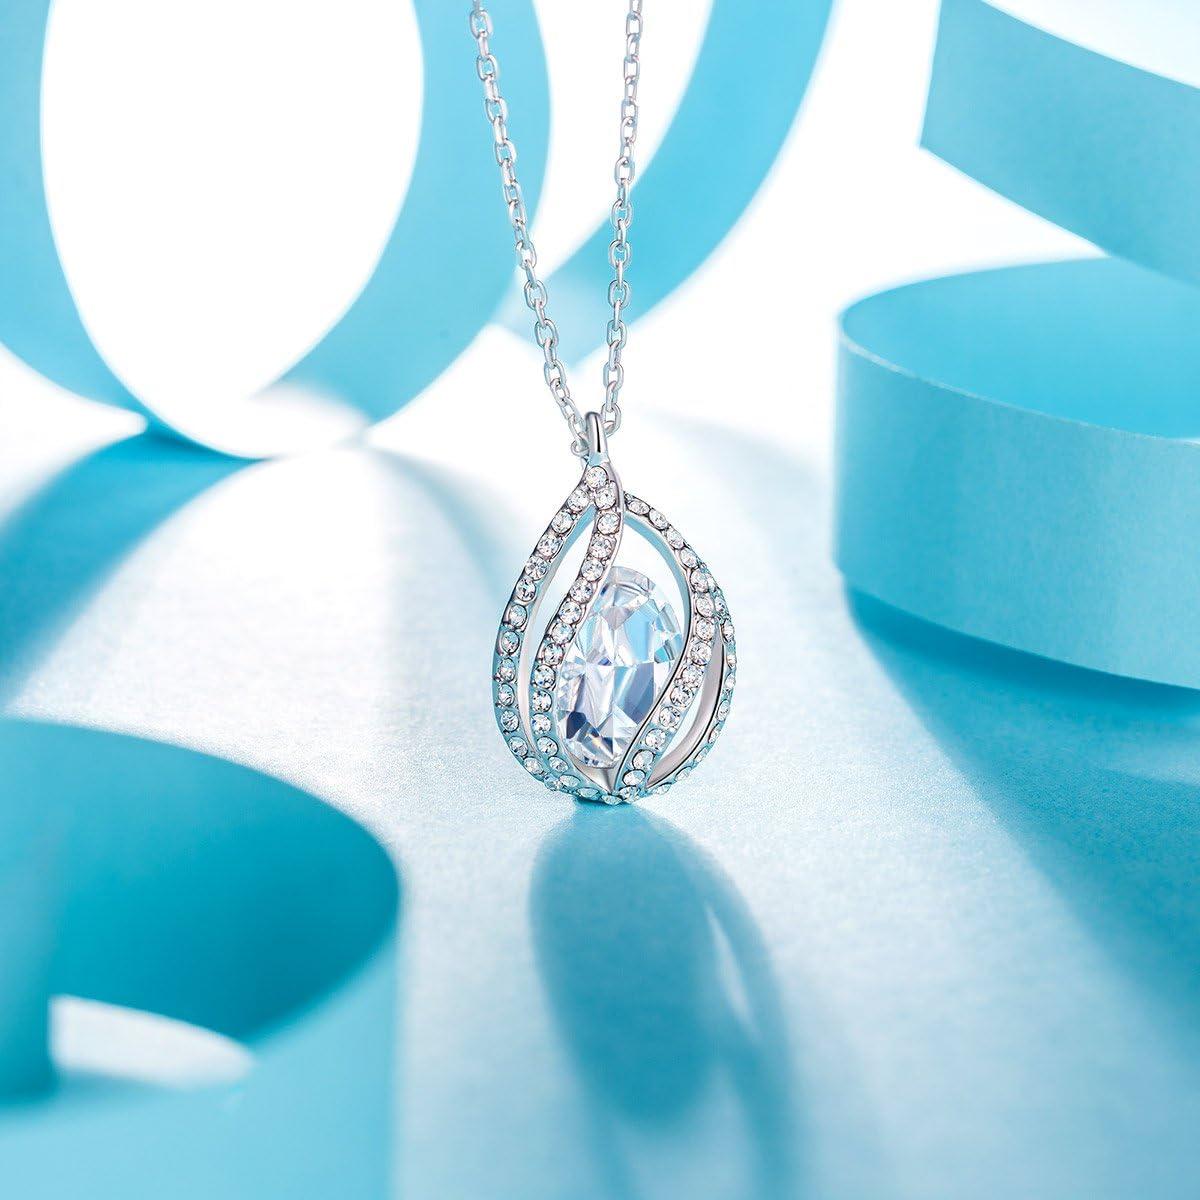 Bo/îte /à Bijoux Cadeaux Bijoux F/ête des M/ères Plaqu/é Platine Cristal Bleu de Swarovski Kami Idea Femme Collier Clair de Lune